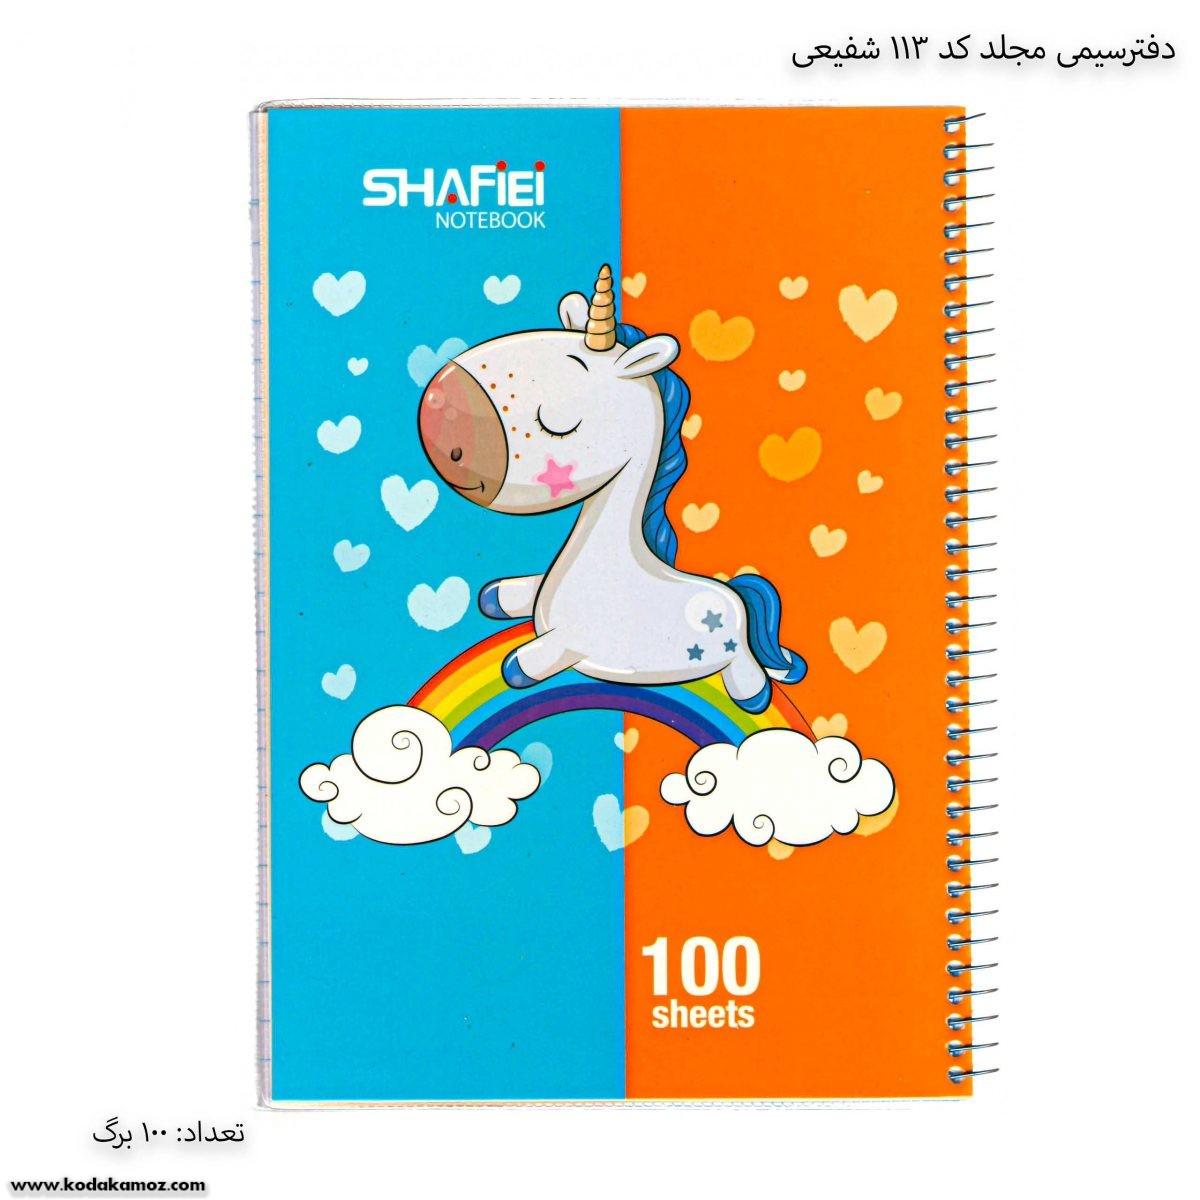 دفتر 100 سیمی مجلد کد 113 شفیعی یونی کرن رنگین کمان